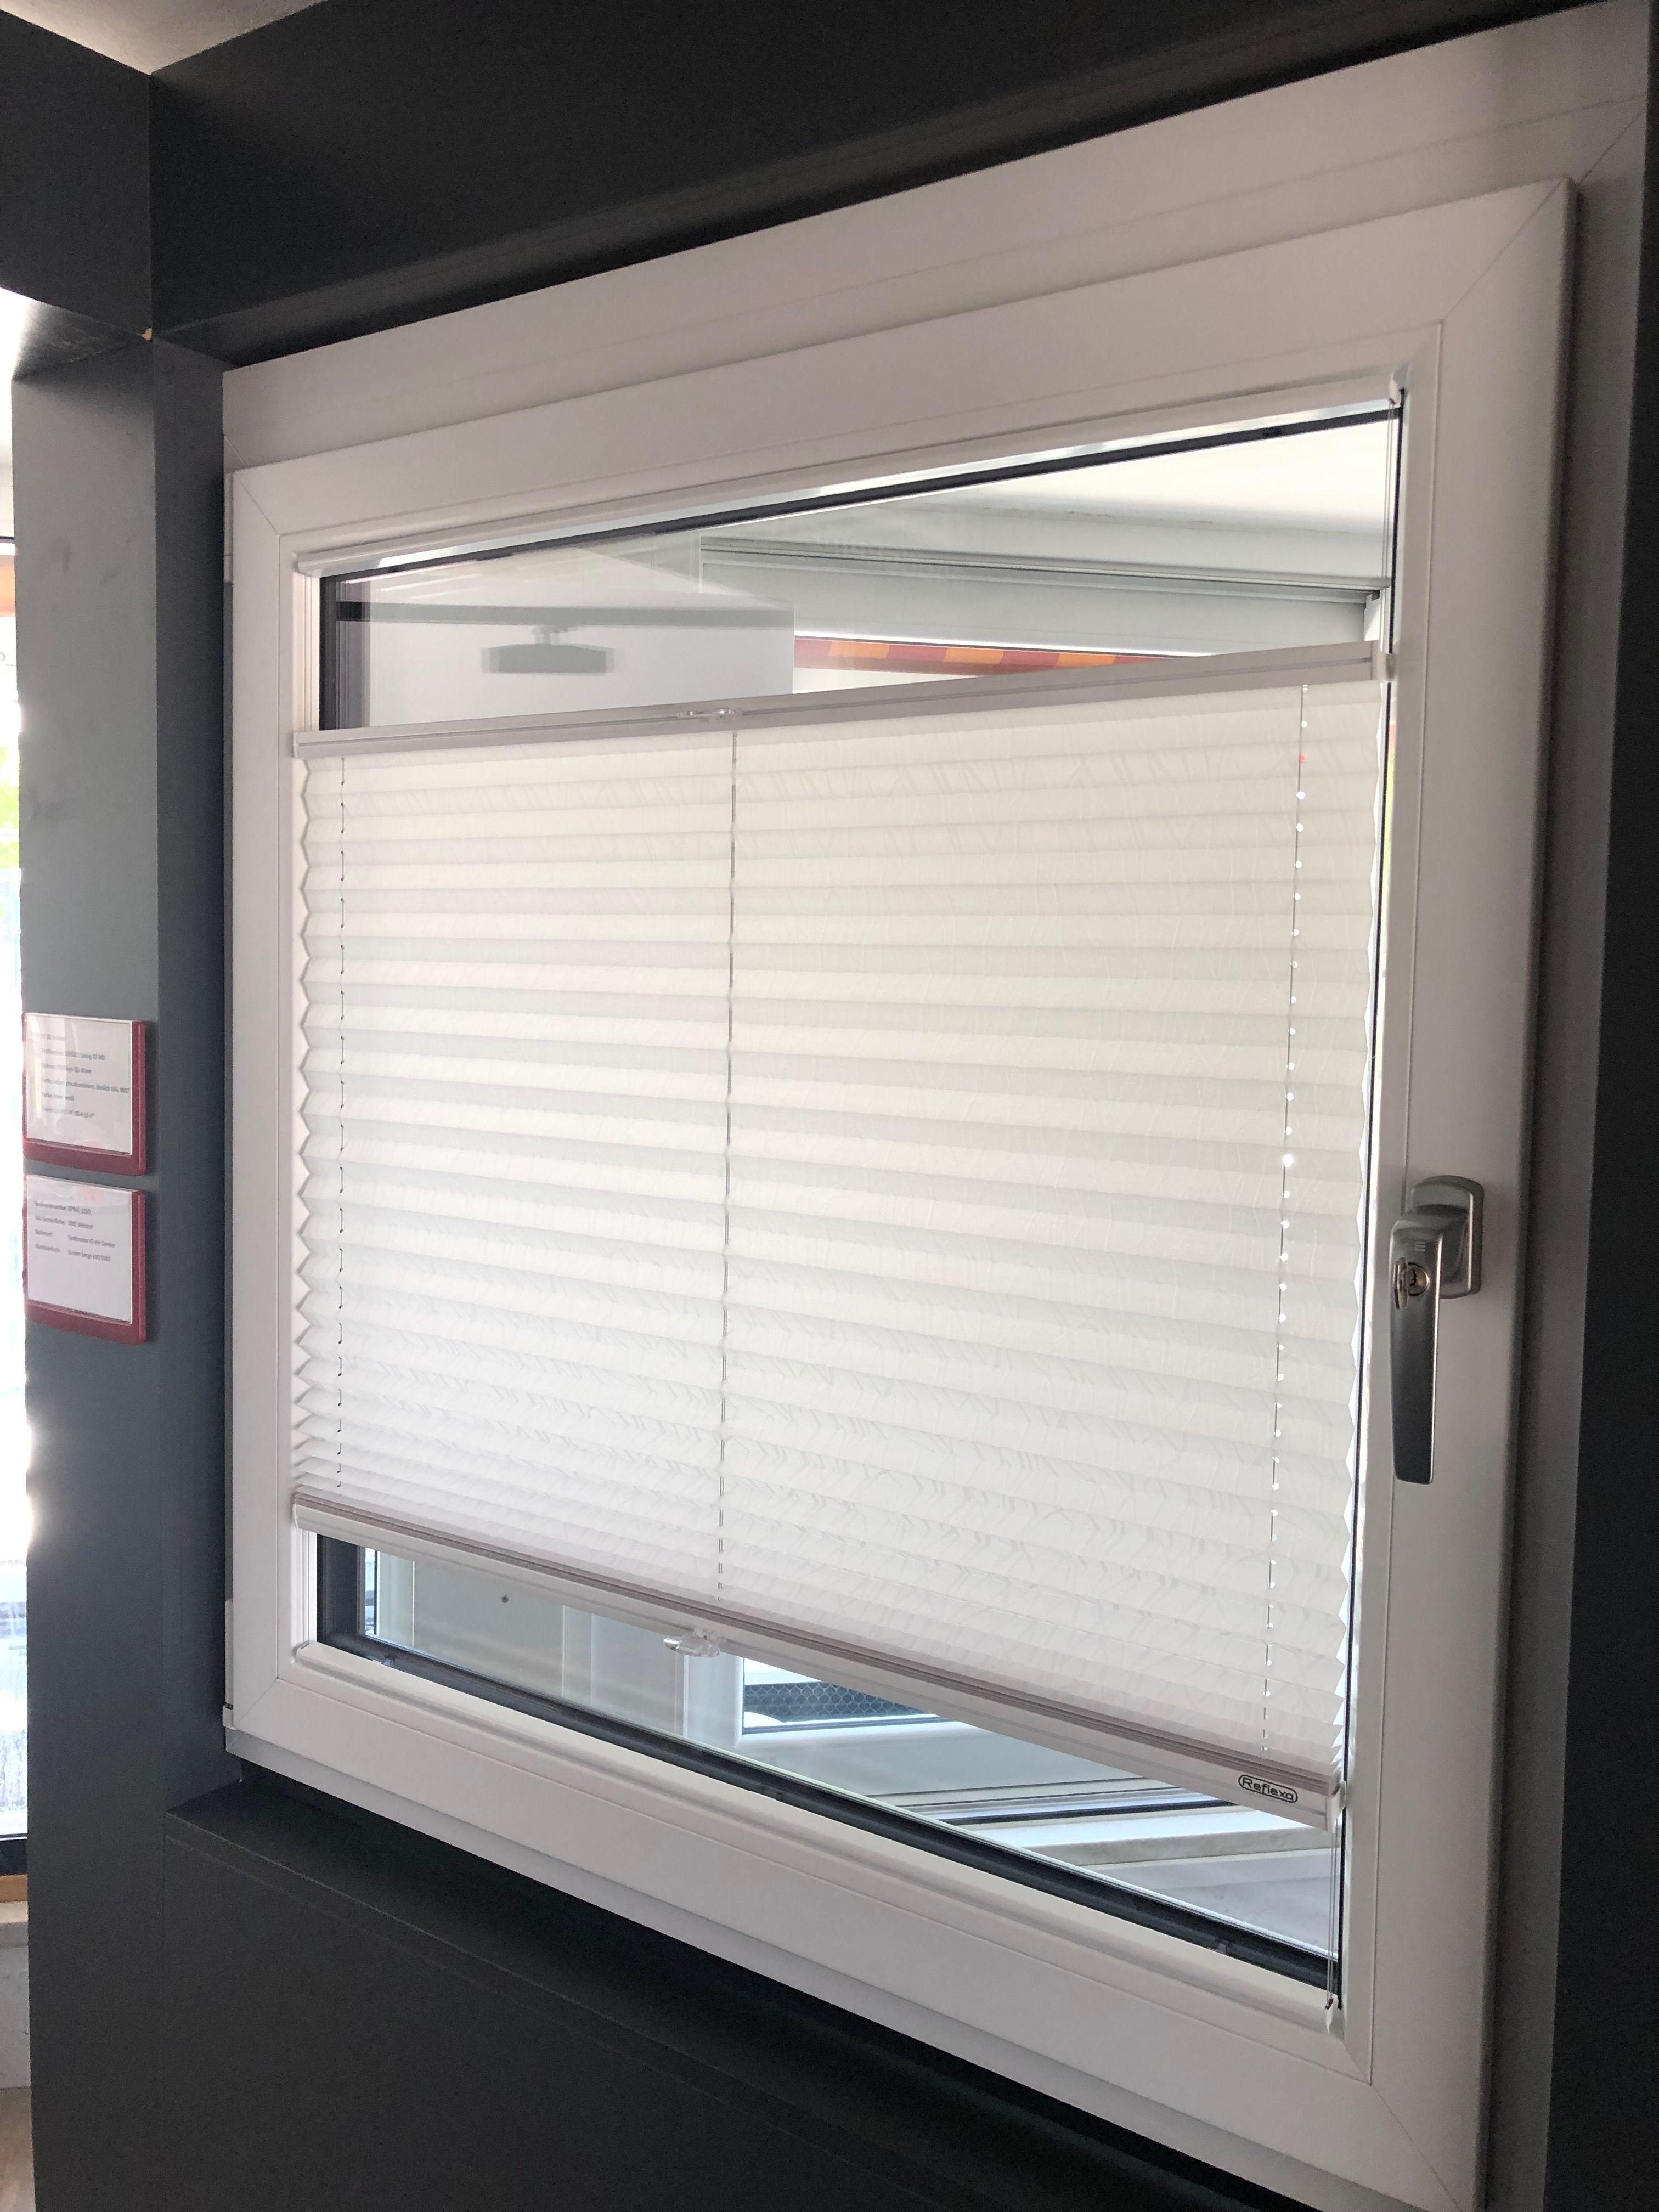 Plissee Als Sichtschutz Lieferant Reflexa Sichtschutz Als Lieferant Plissee Reflexa Sichtschutz In 2020 Fenster Plissee Sichtschutz Fenster Sichtschutz